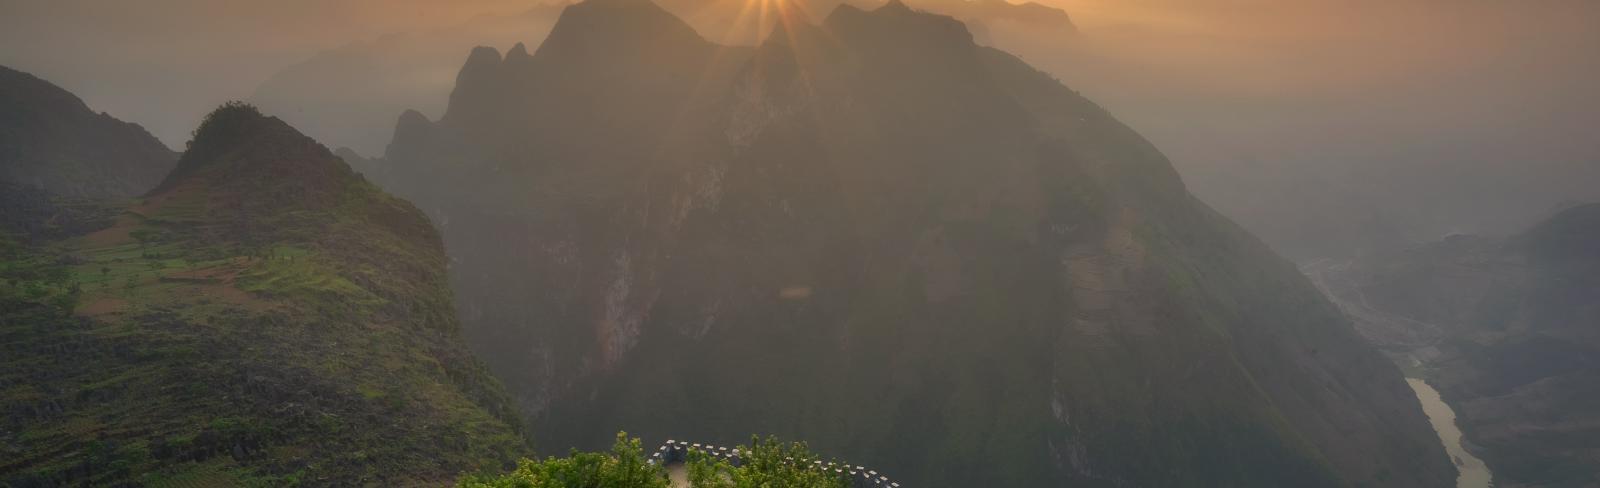 Global Solar Atlas Boosts Renewable Energy in Vietnam